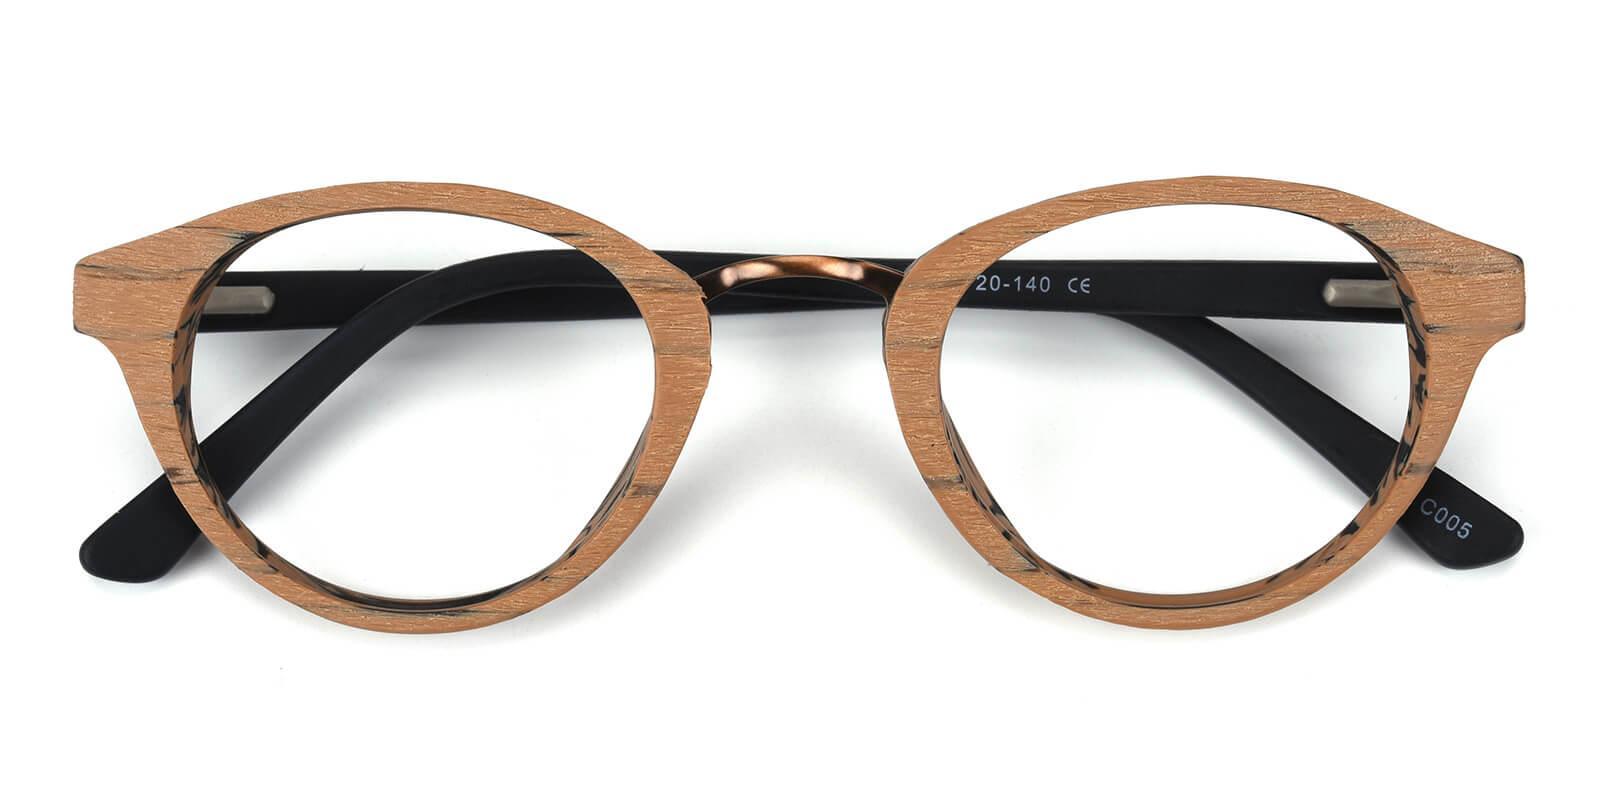 Haiden-Cream-Oval-Acetate-Eyeglasses-detail